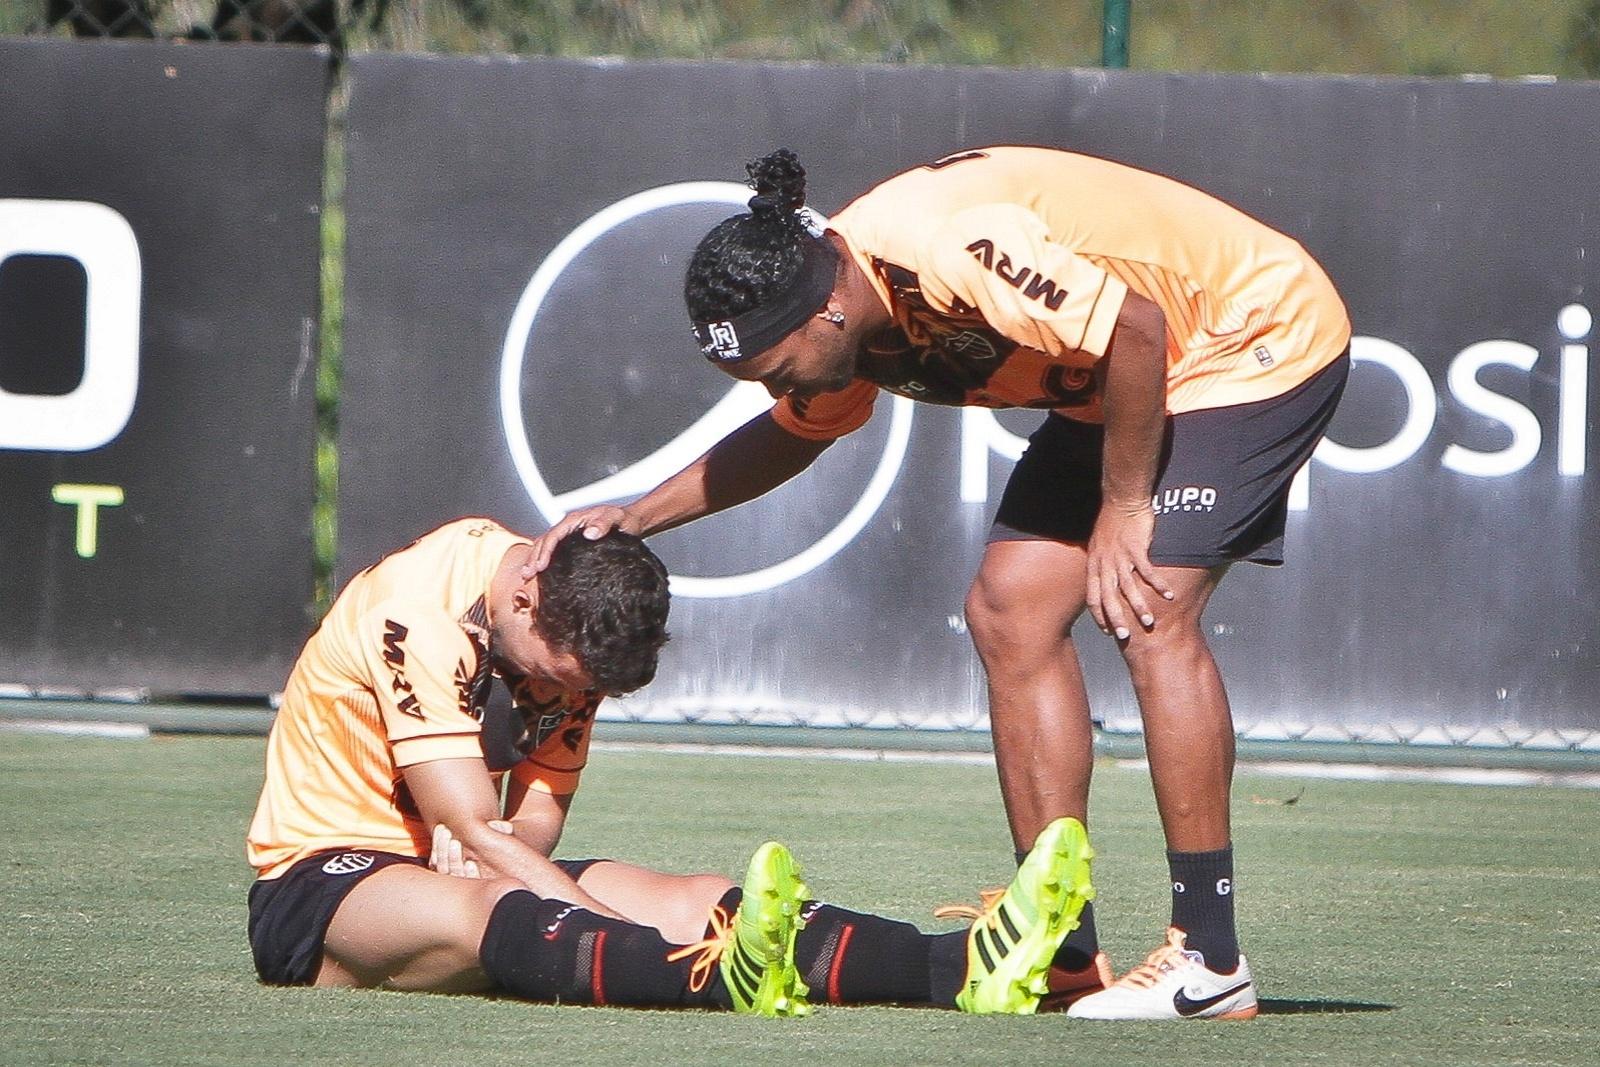 3 fev 2014 - Ronaldinho Gaúcho verifica a situação de Fillipe Soutto, que deixou o jogo-treino do Atlético-MG com suspeita de fratura no braço direito